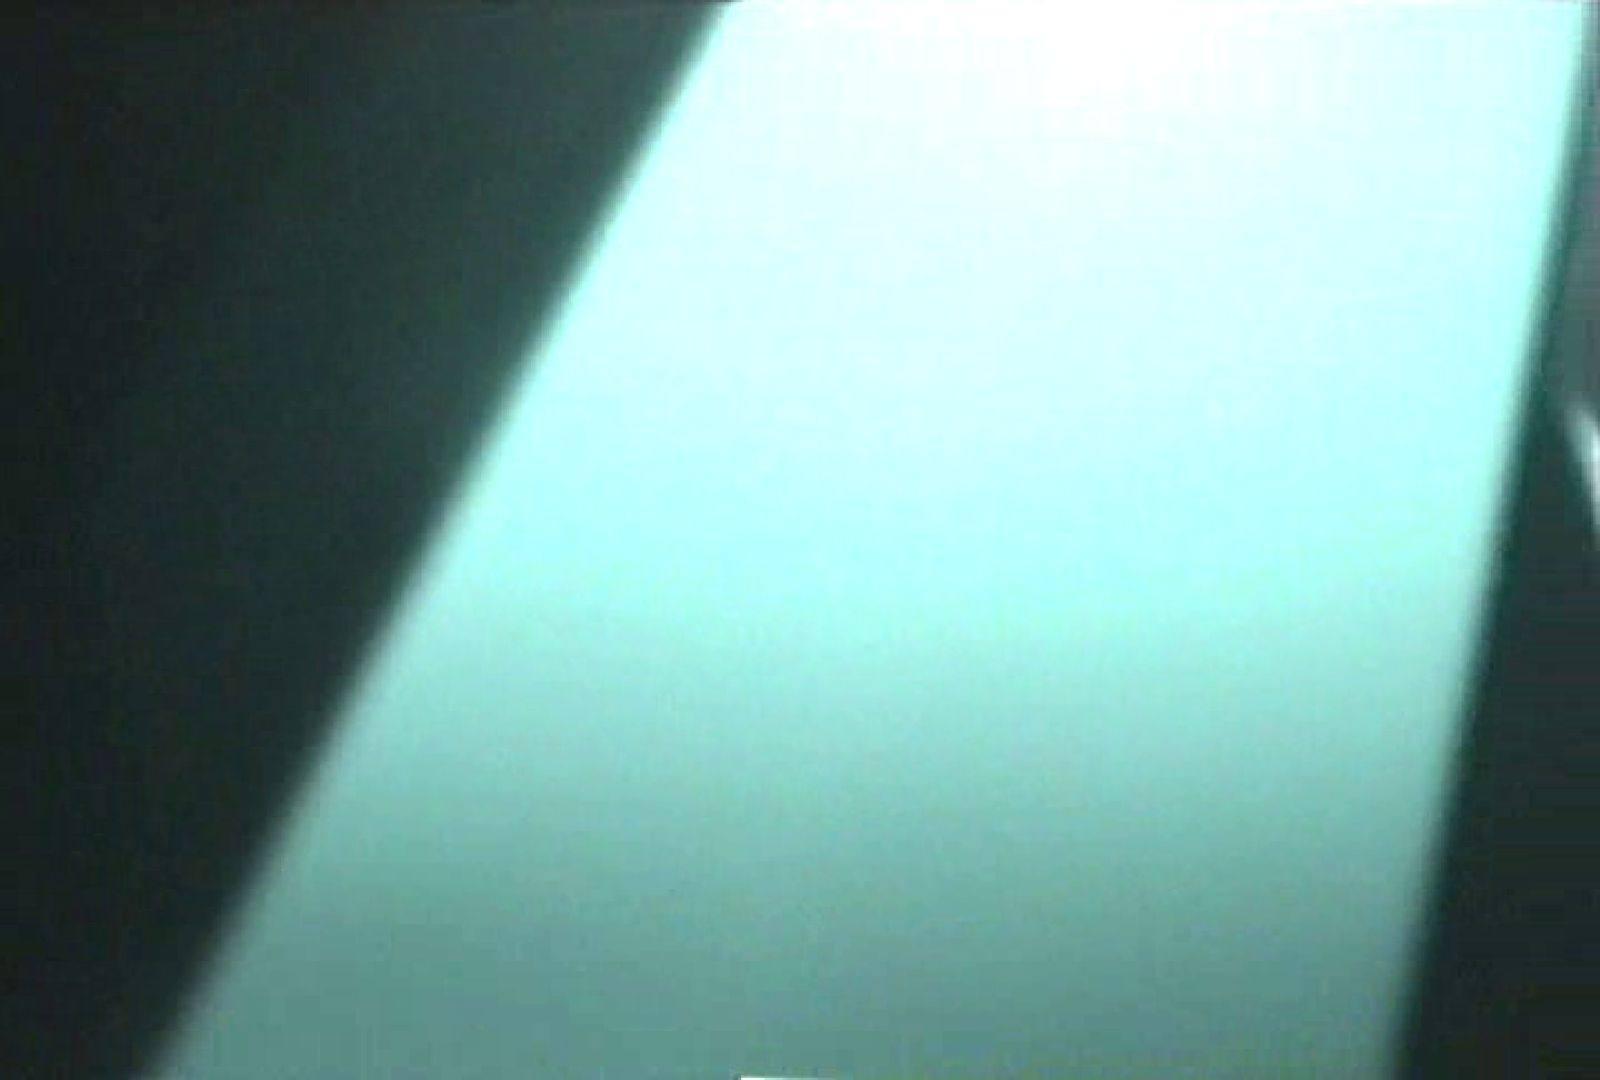 充血監督の深夜の運動会Vol.63 セックス   カーセックス  79pic 65